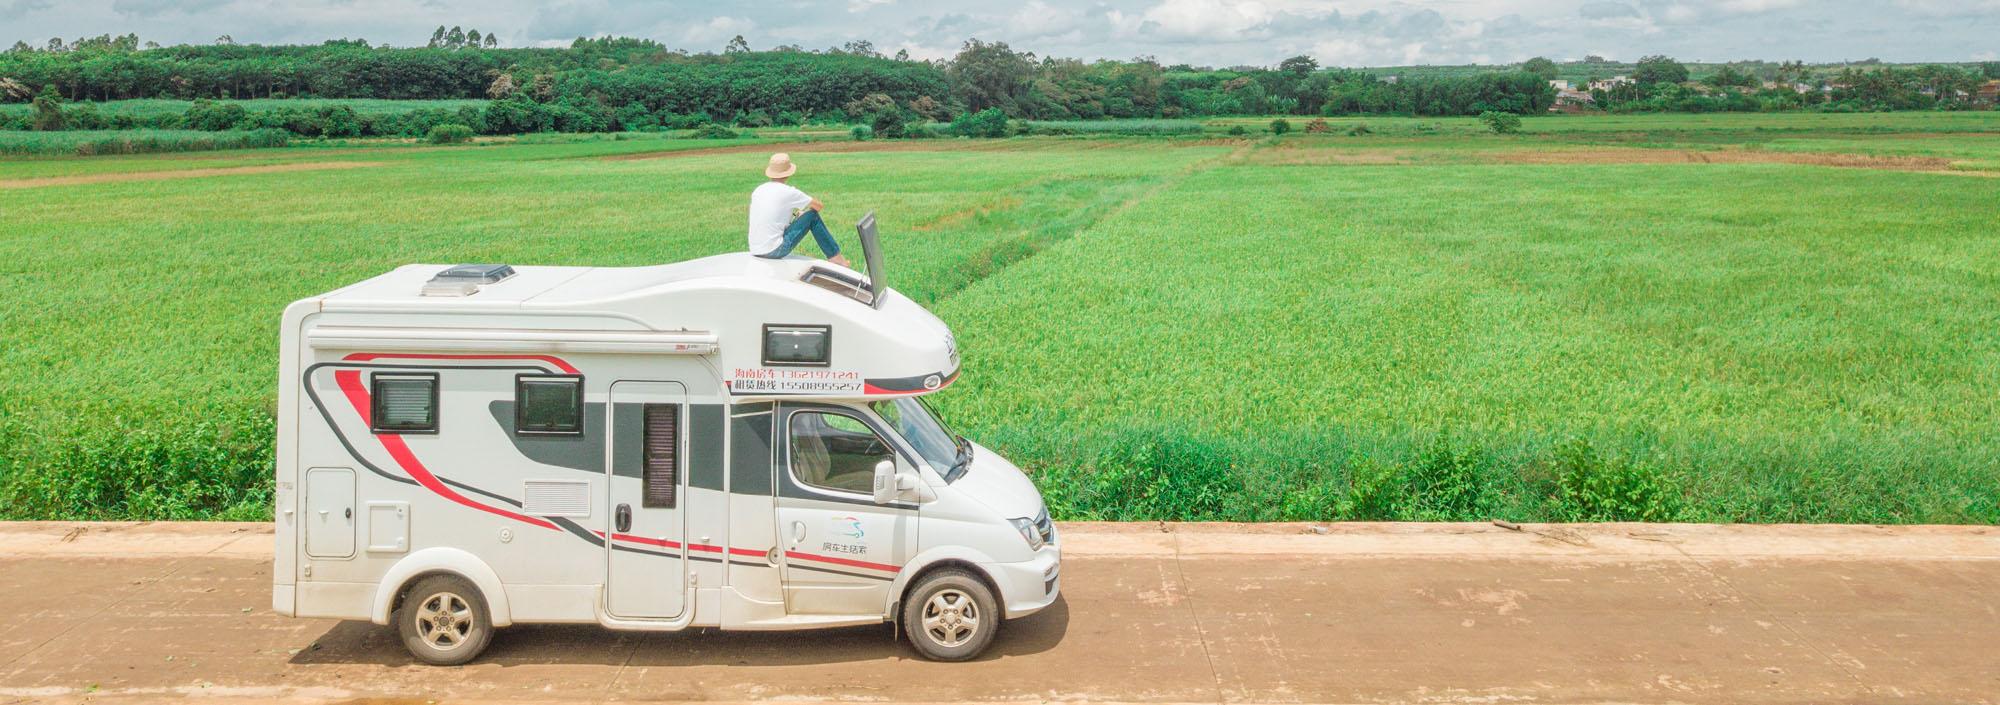 一个人的房车旅行——海南环岛游记